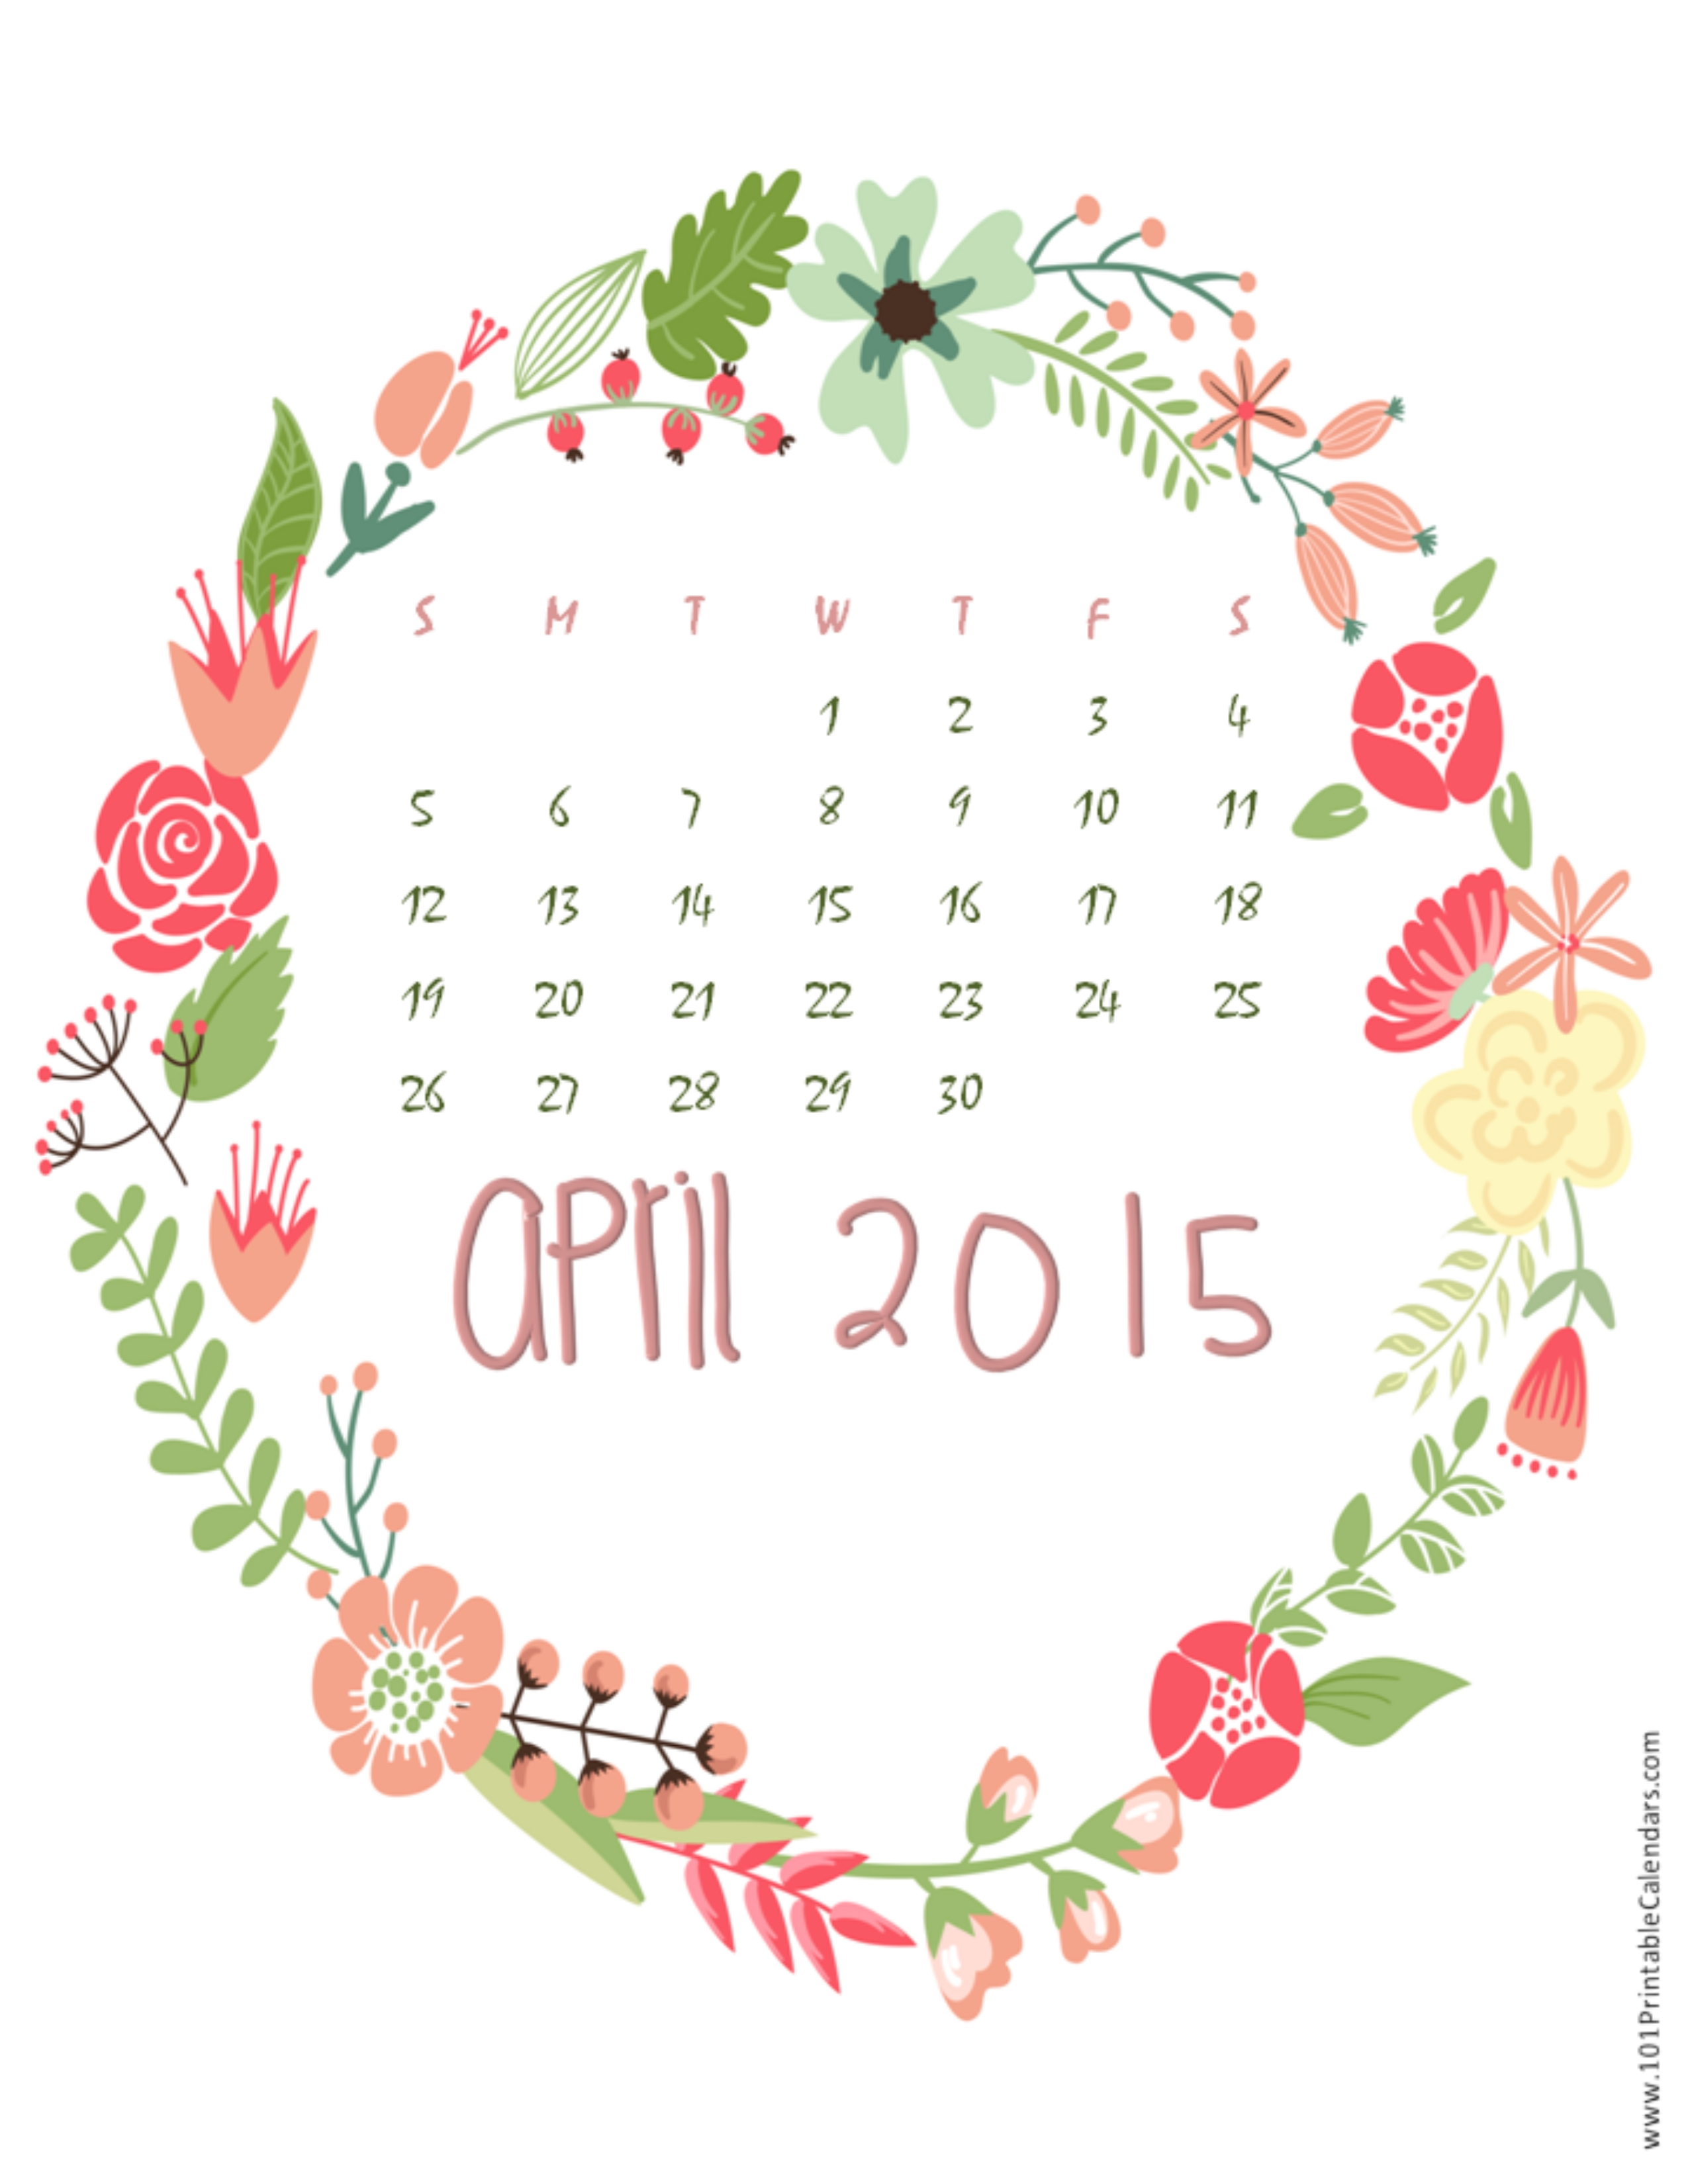 48] Desktop Wallpapers Calendar April 2015 on WallpaperSafari 2550x3300